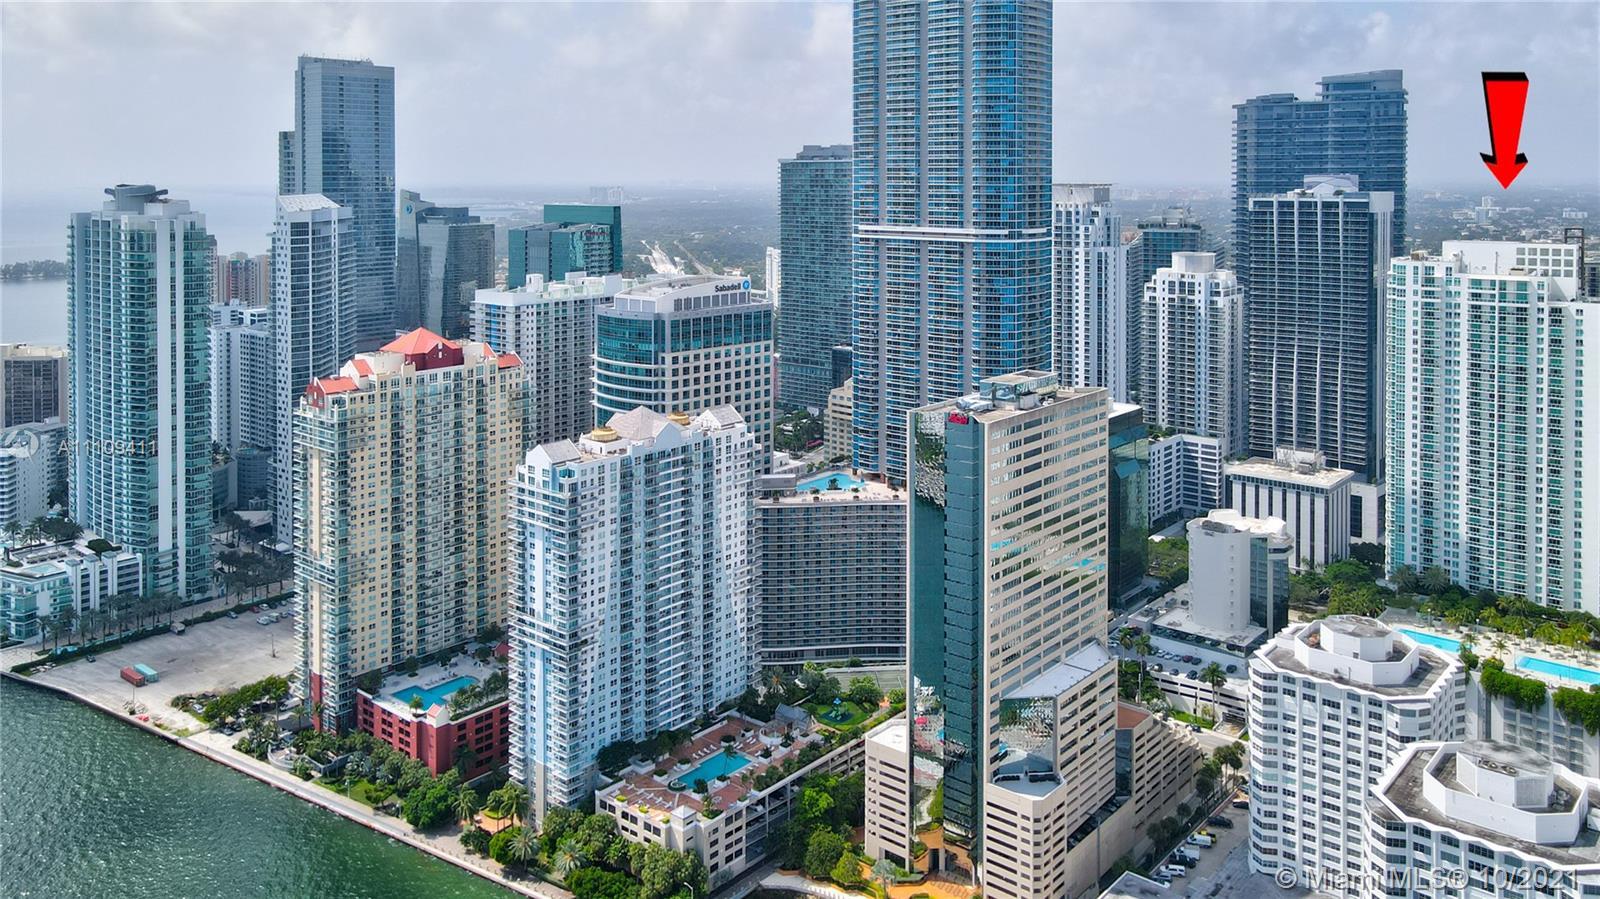 The Plaza on Brickell 2 #1606 - 951 Brickell Ave #1606, Miami, FL 33131